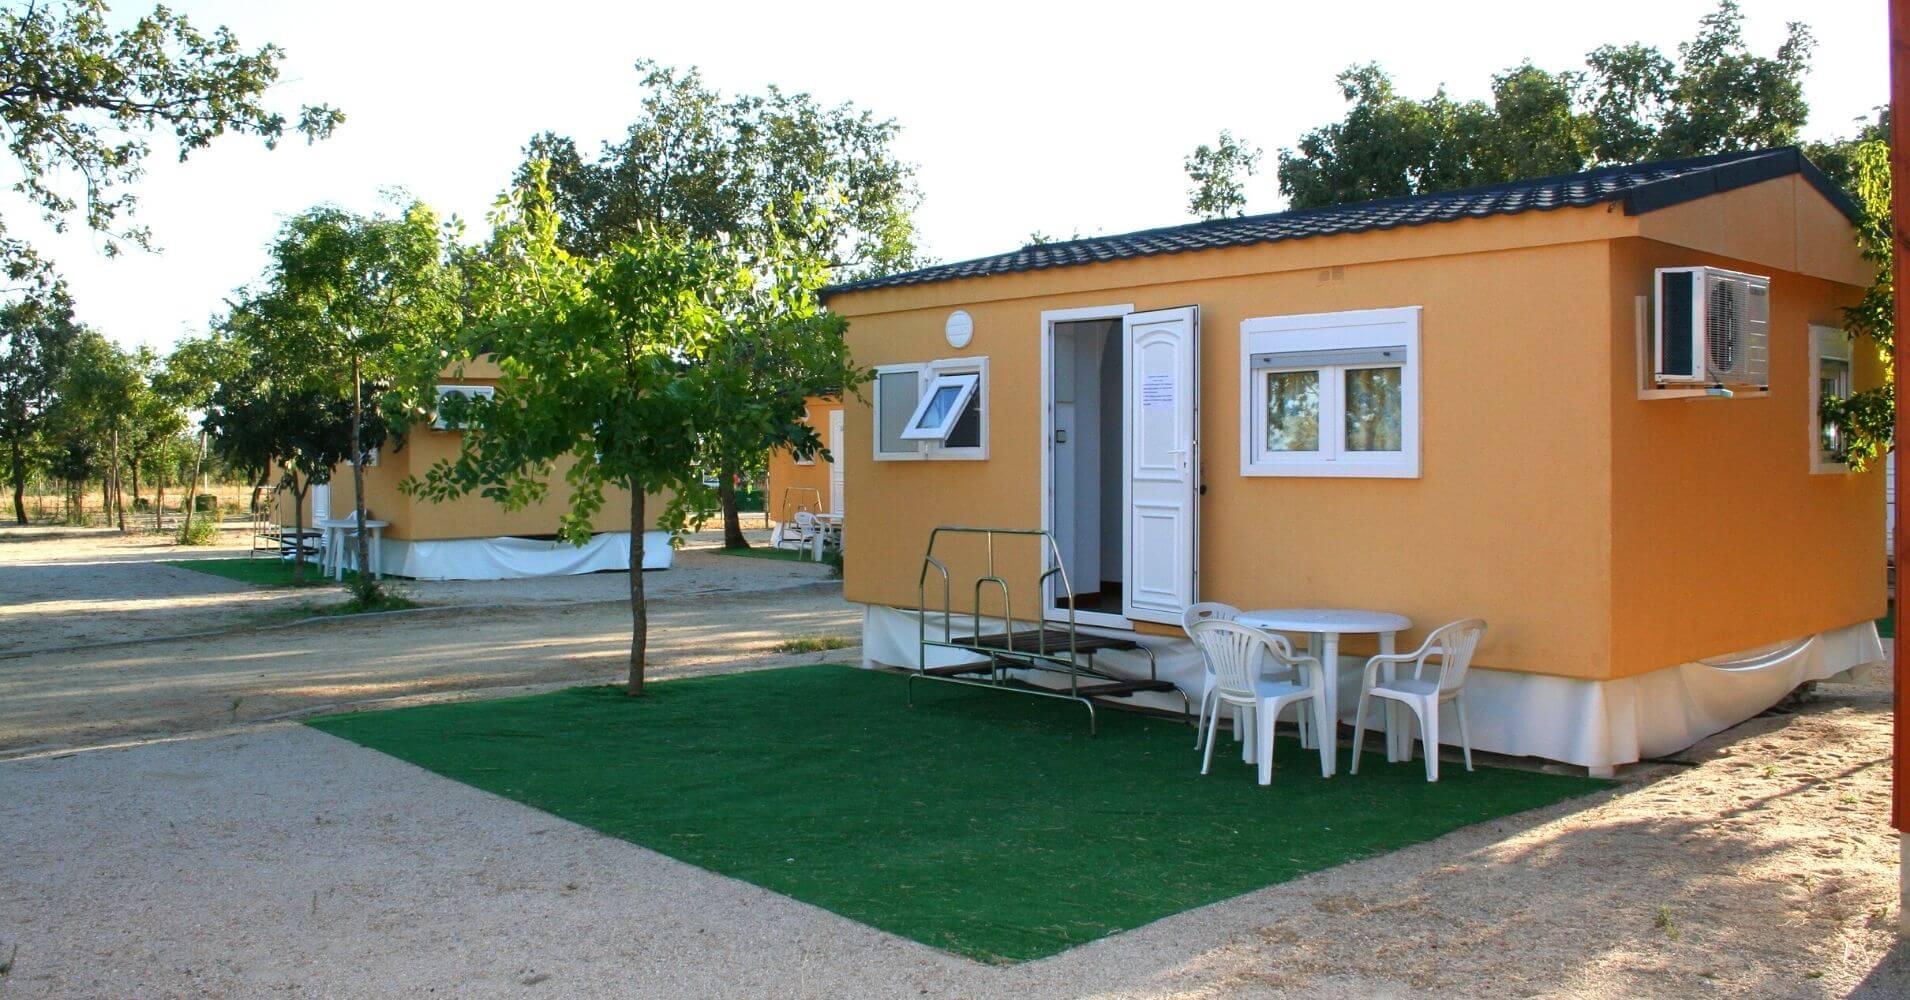 Mobilhome Camping Candeleda. Ávila, Castilla y León.